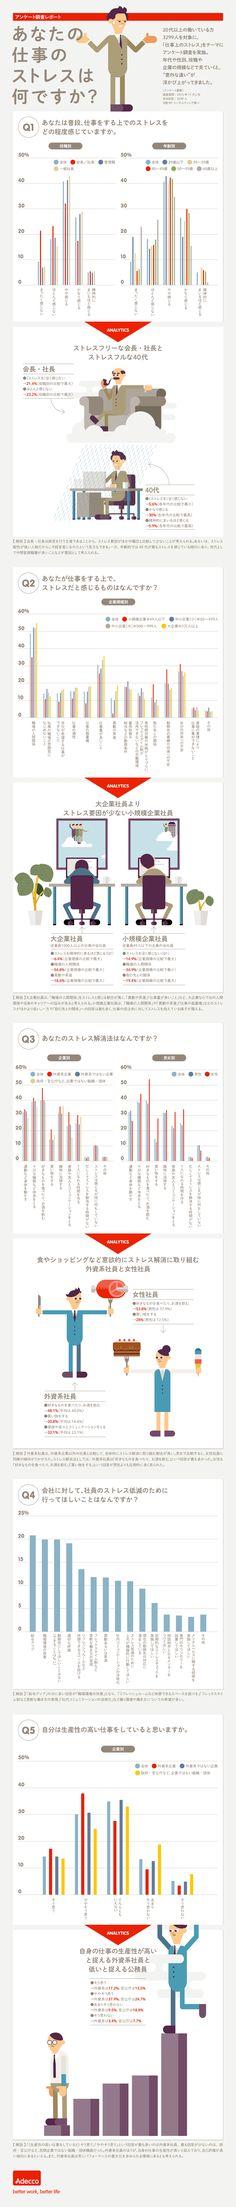 Adecco_infographics